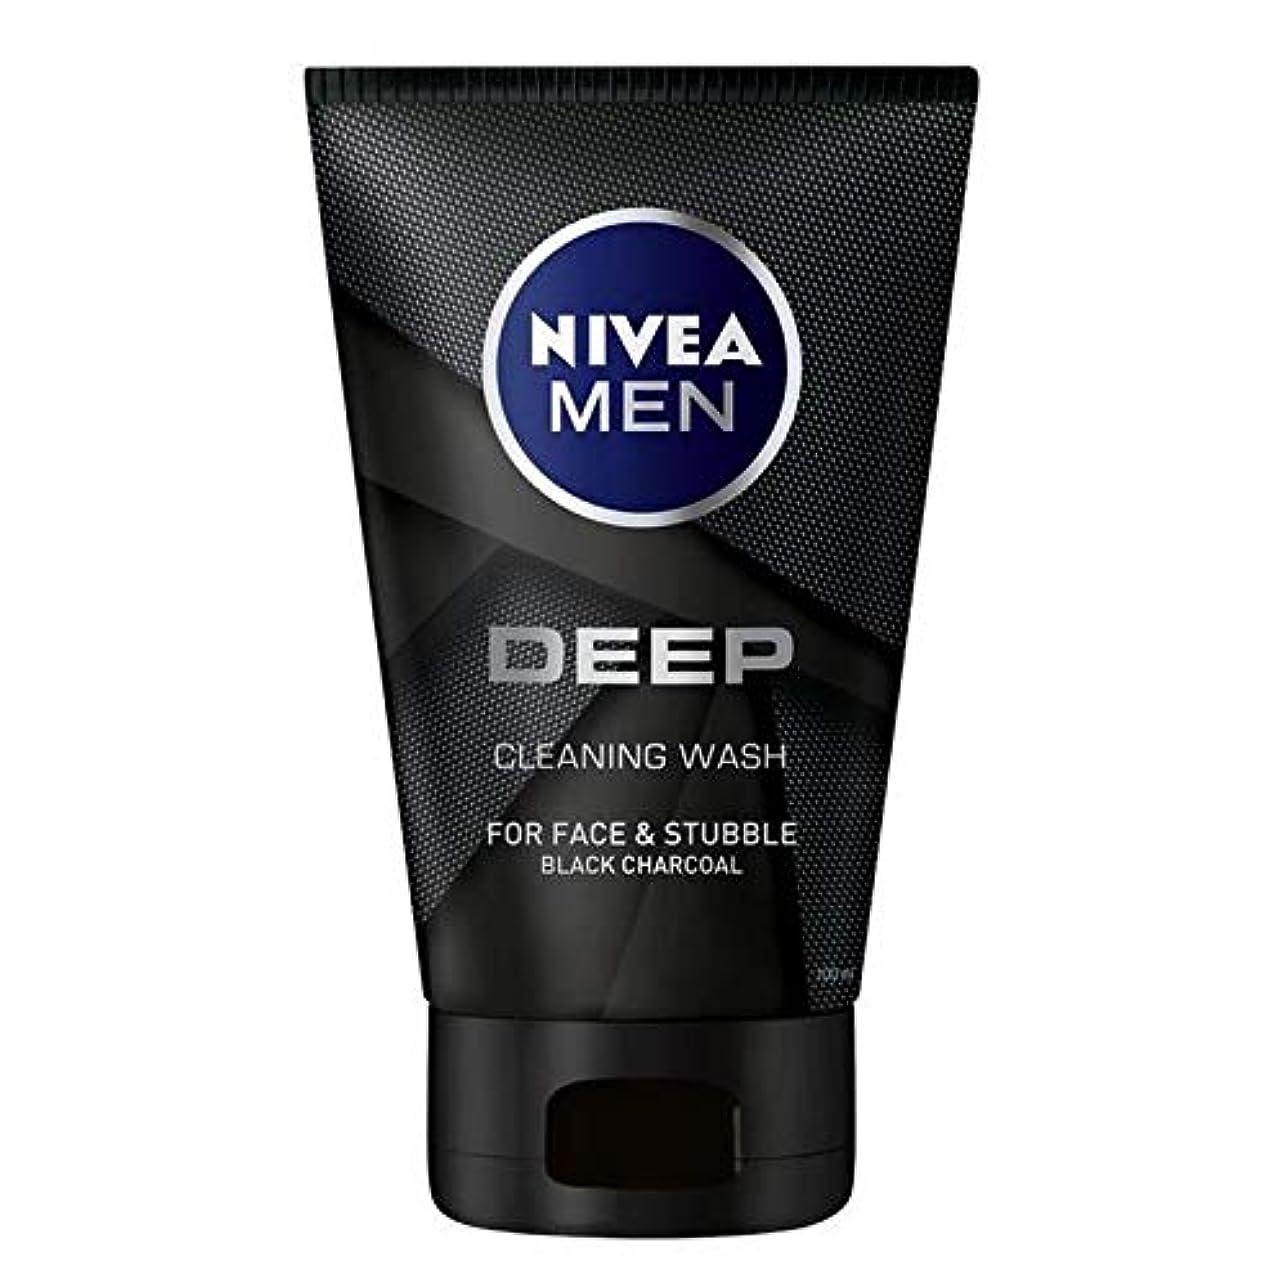 悪因子老人チャレンジ[Nivea ] ニベア男性深い木炭フェイスウォッシュ100ミリリットル - NIVEA MEN Deep Charcoal Face Wash 100ml [並行輸入品]